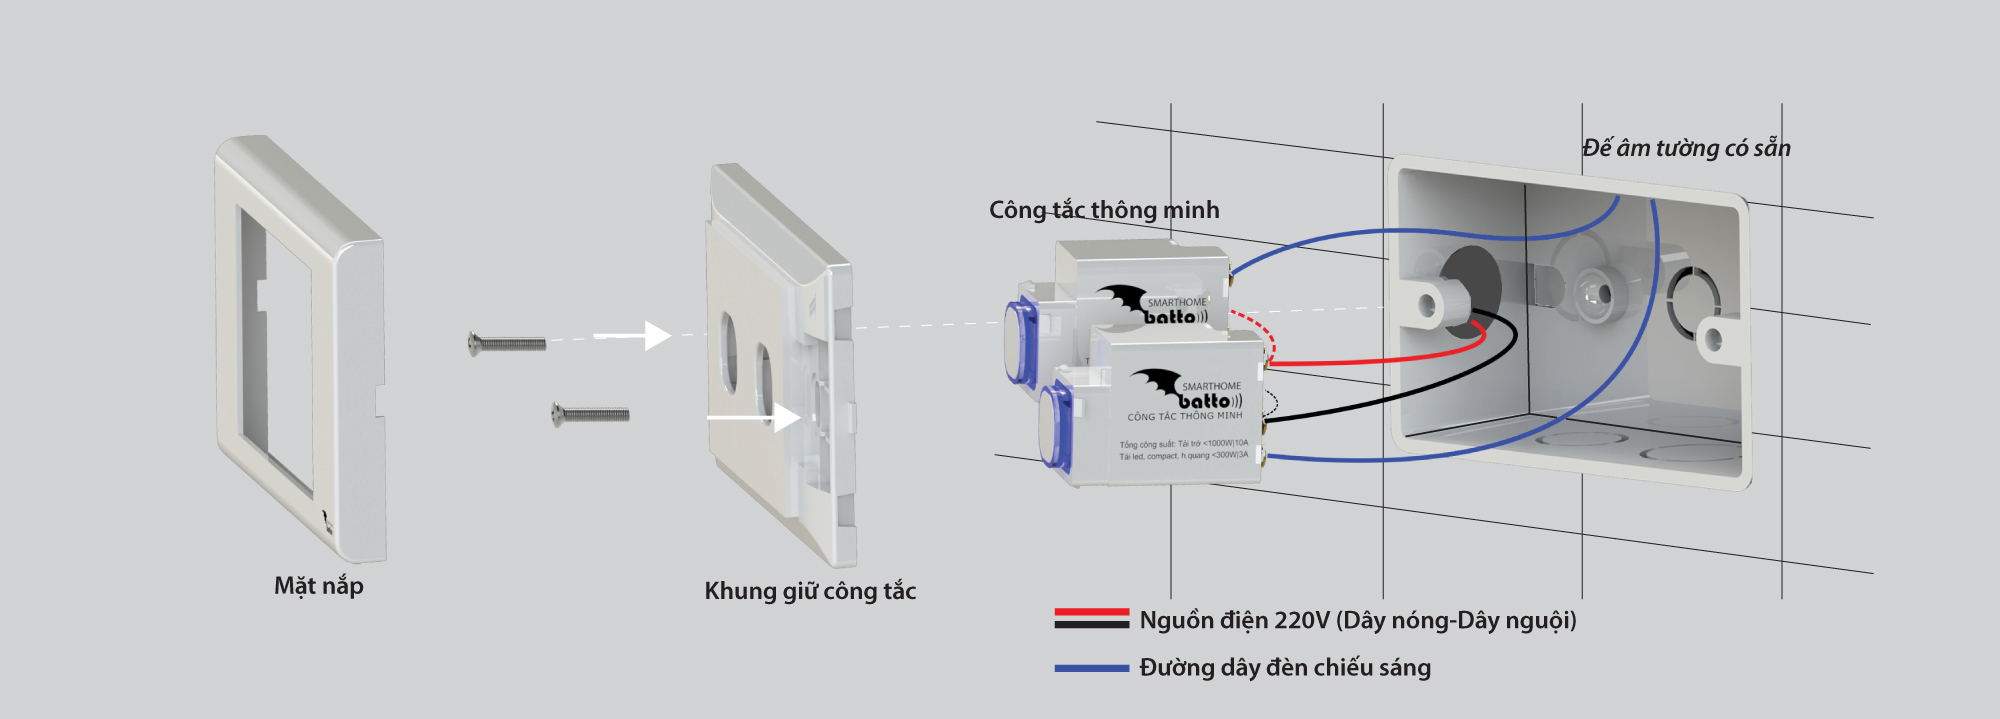 Hướng dẫn lắp đặt công tắc hạt tròn SmartX(Lắp ngang)